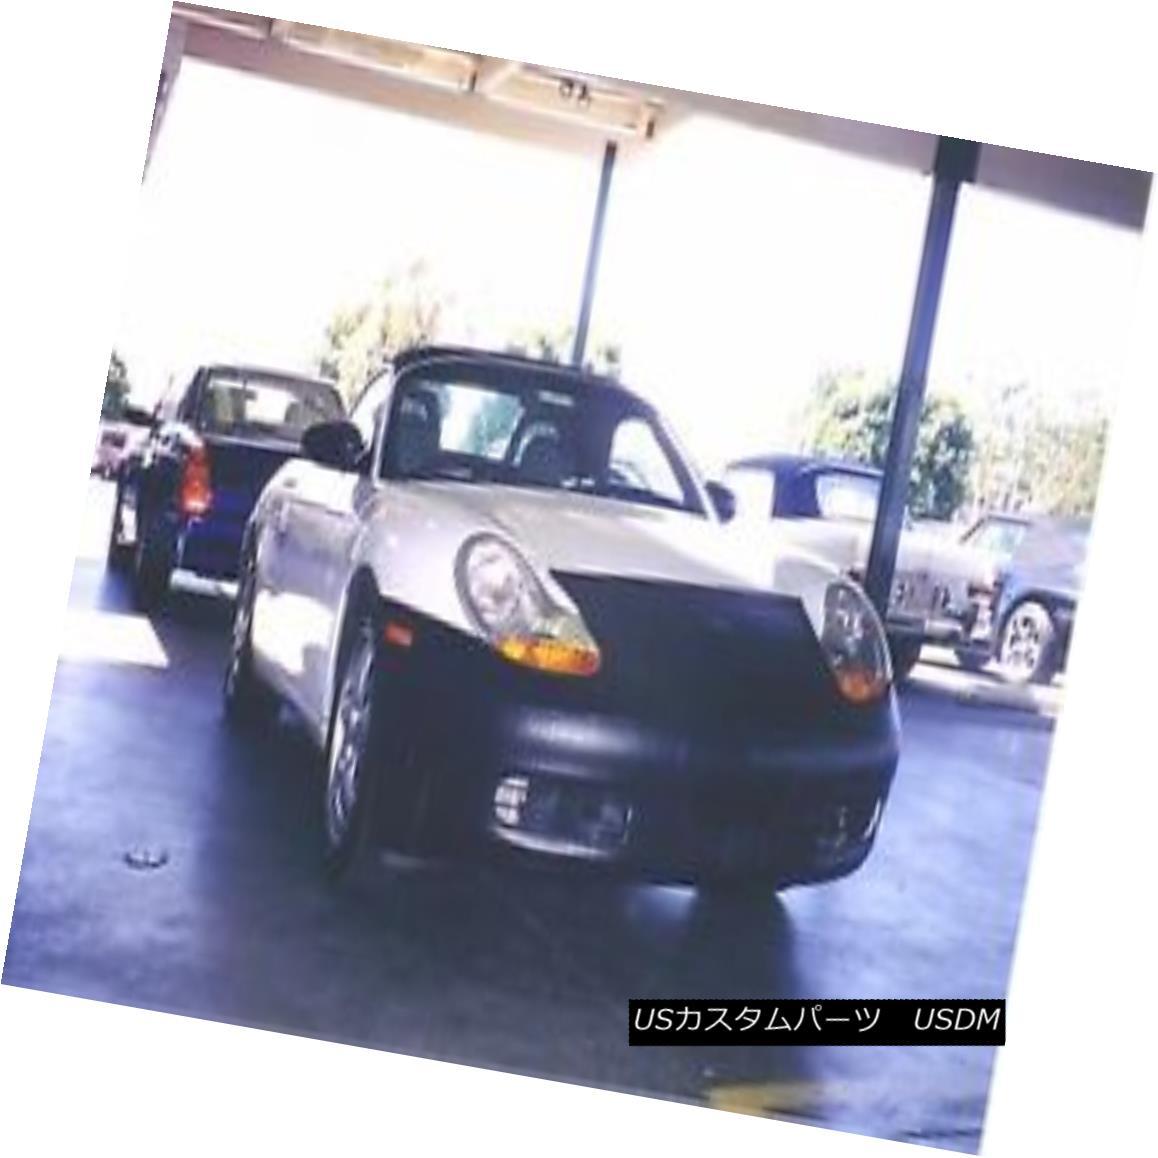 フルブラ ノーズブラ Colgan Front End Mask Bra 2pc. Fits Porsche Boxster 1997-2002 W/Lic.Plate  コルガンフロントエンドマスクブラ2pc Porsche Boxster 1997-2002 W / Lic.Plateに適合